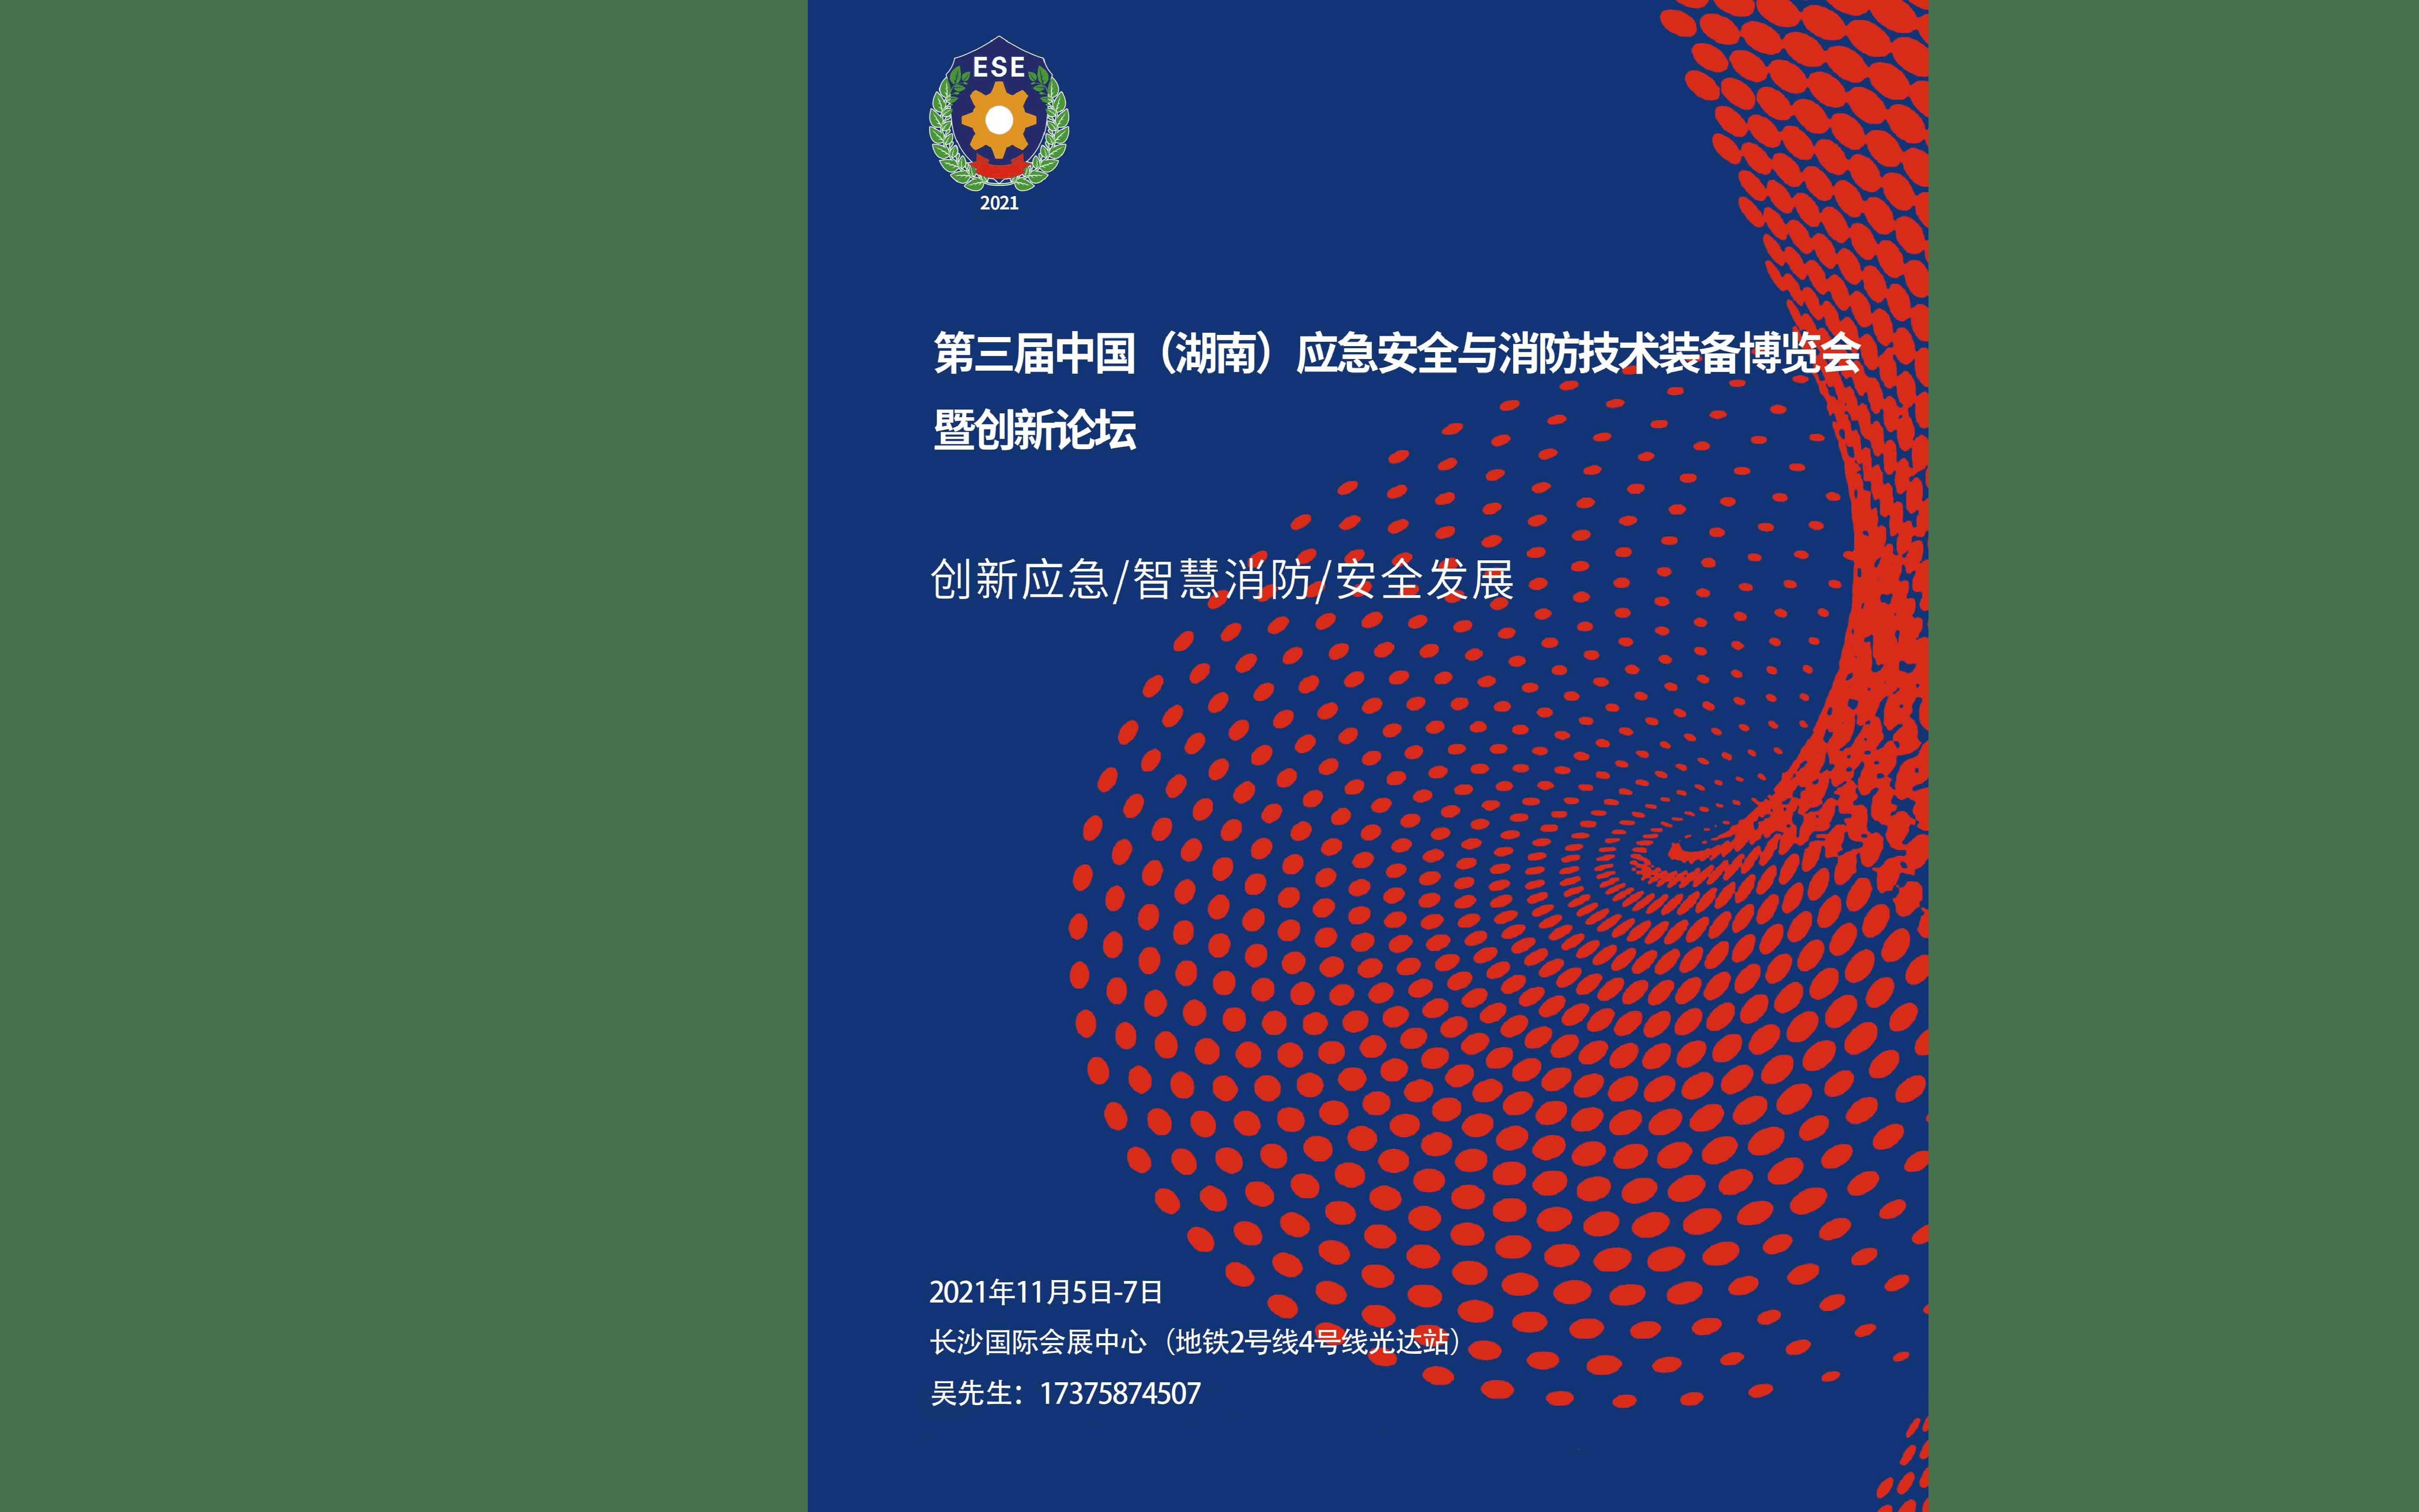 第三届中部(湖南)应急安全与消防技术装备博览会